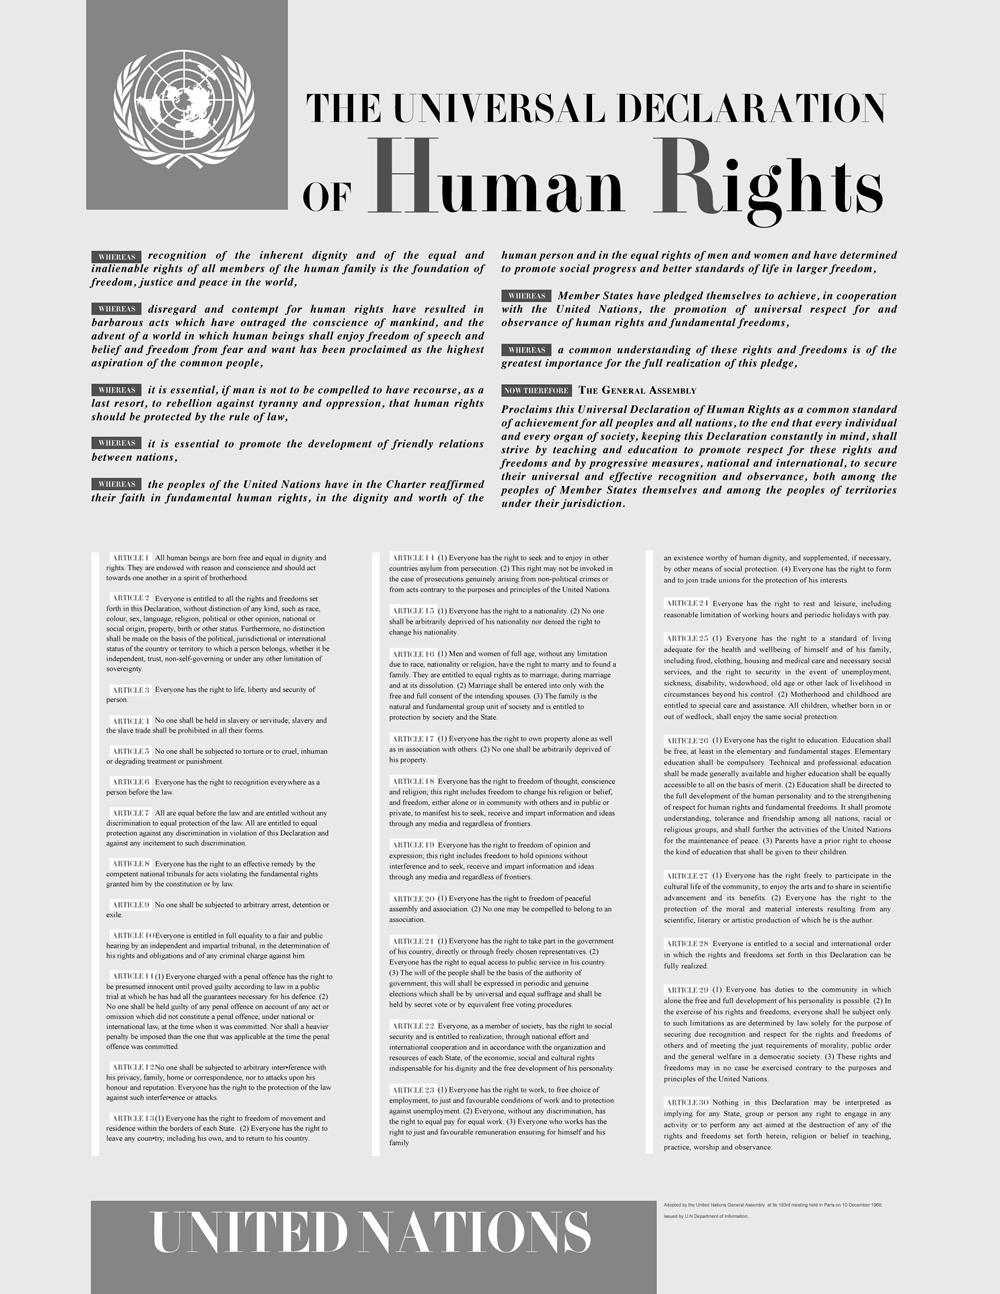 a declara o proclama inequivocamente os direitos inerentes de todos os seres humanos o desconhecimento e o desprezo dos direitos humanos conduziram a